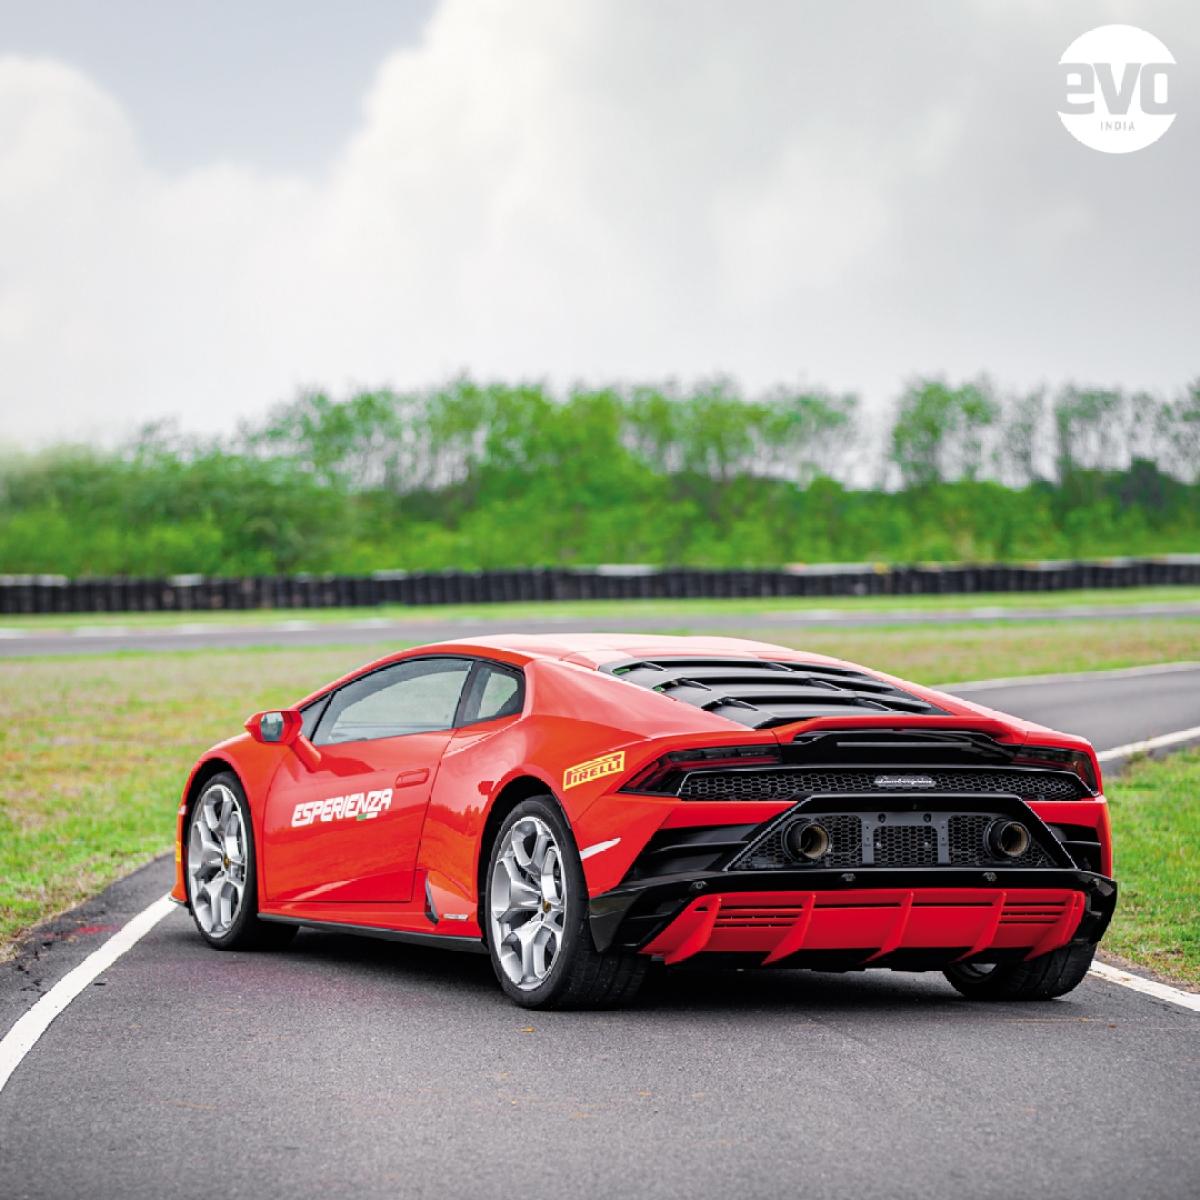 Lamborghini Huracan Evo #WallpaperWednesday